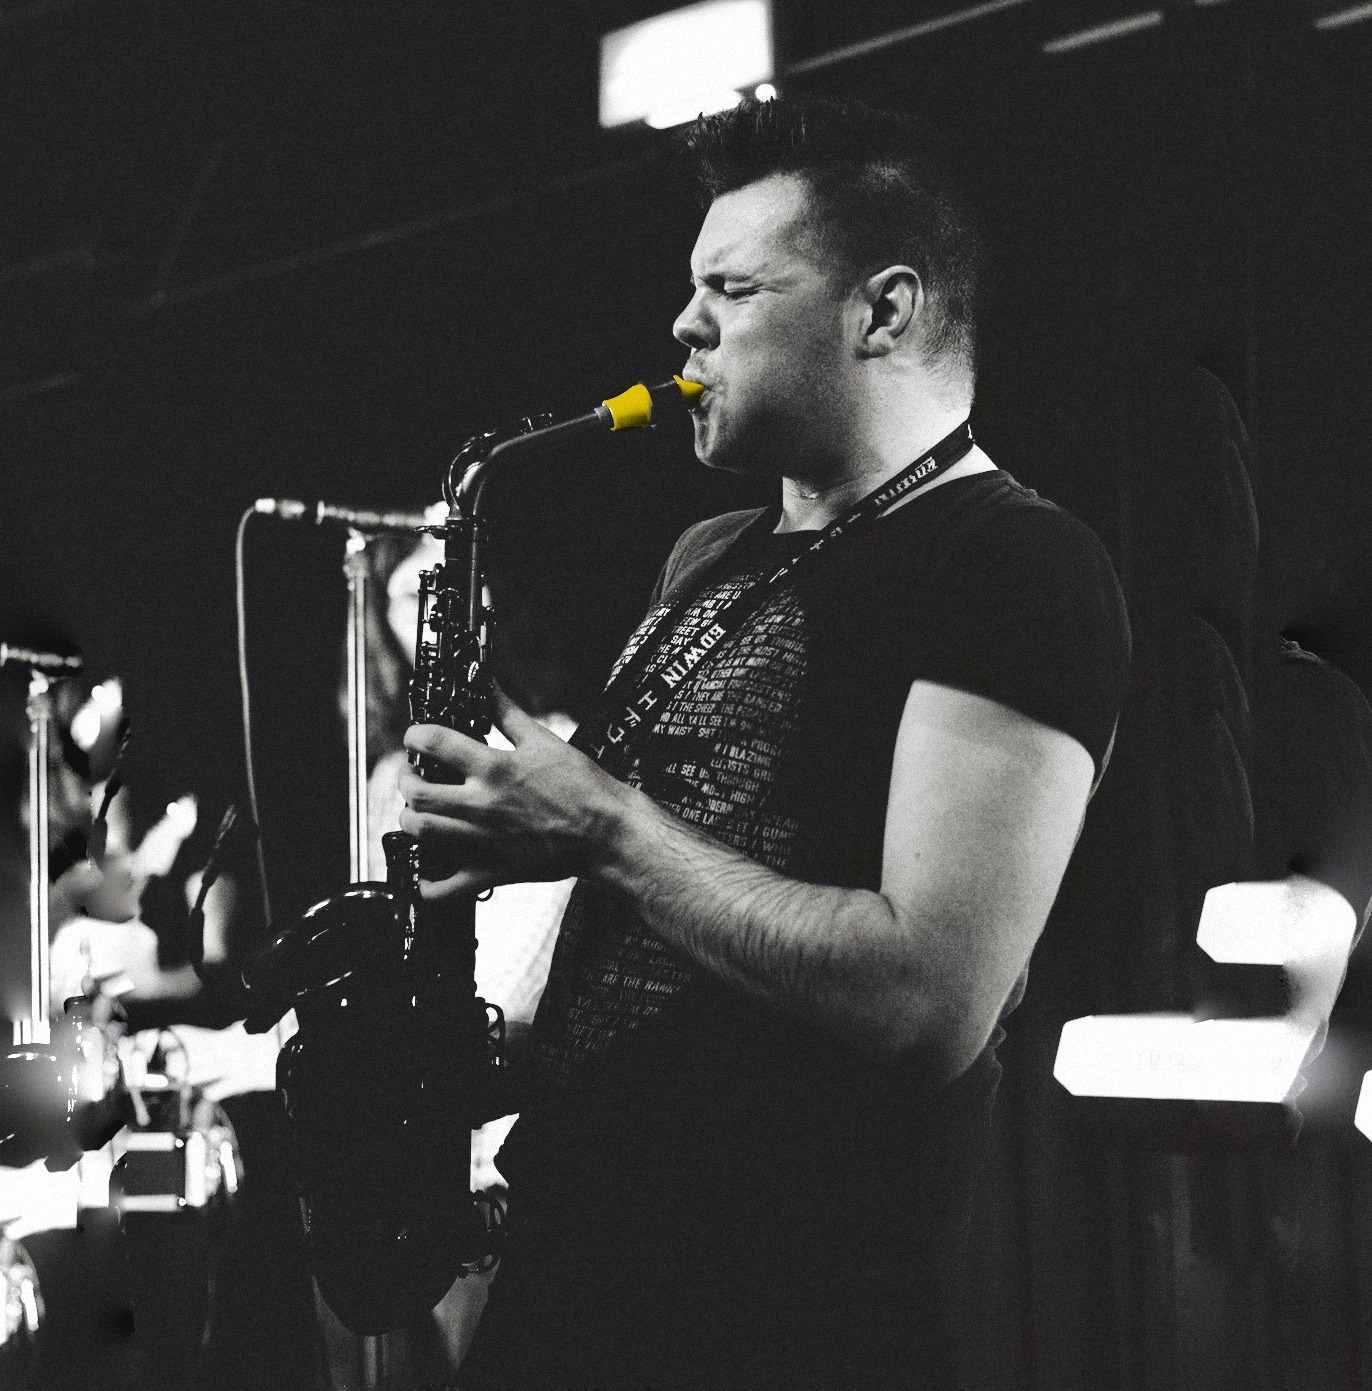 Edwin Popeplays a Syos saxophone mouthpiece